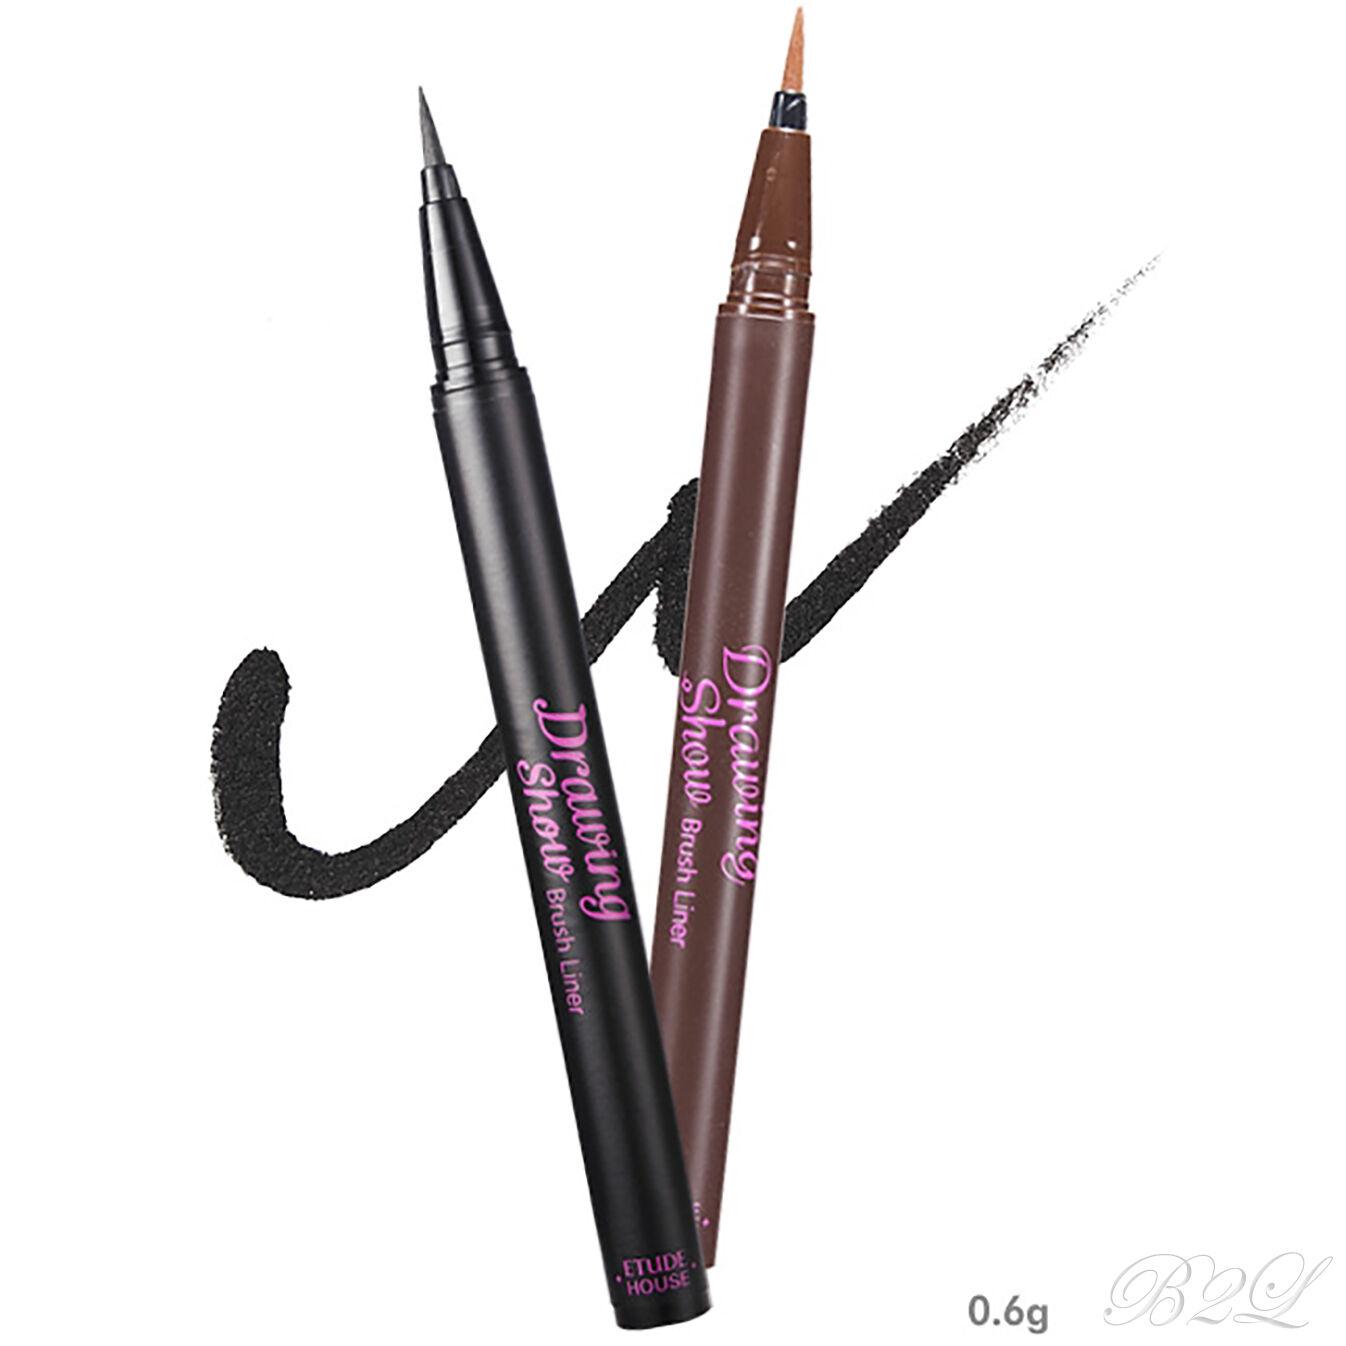 1346x1346 Etude House Drawing Show Brush Eyeliner G